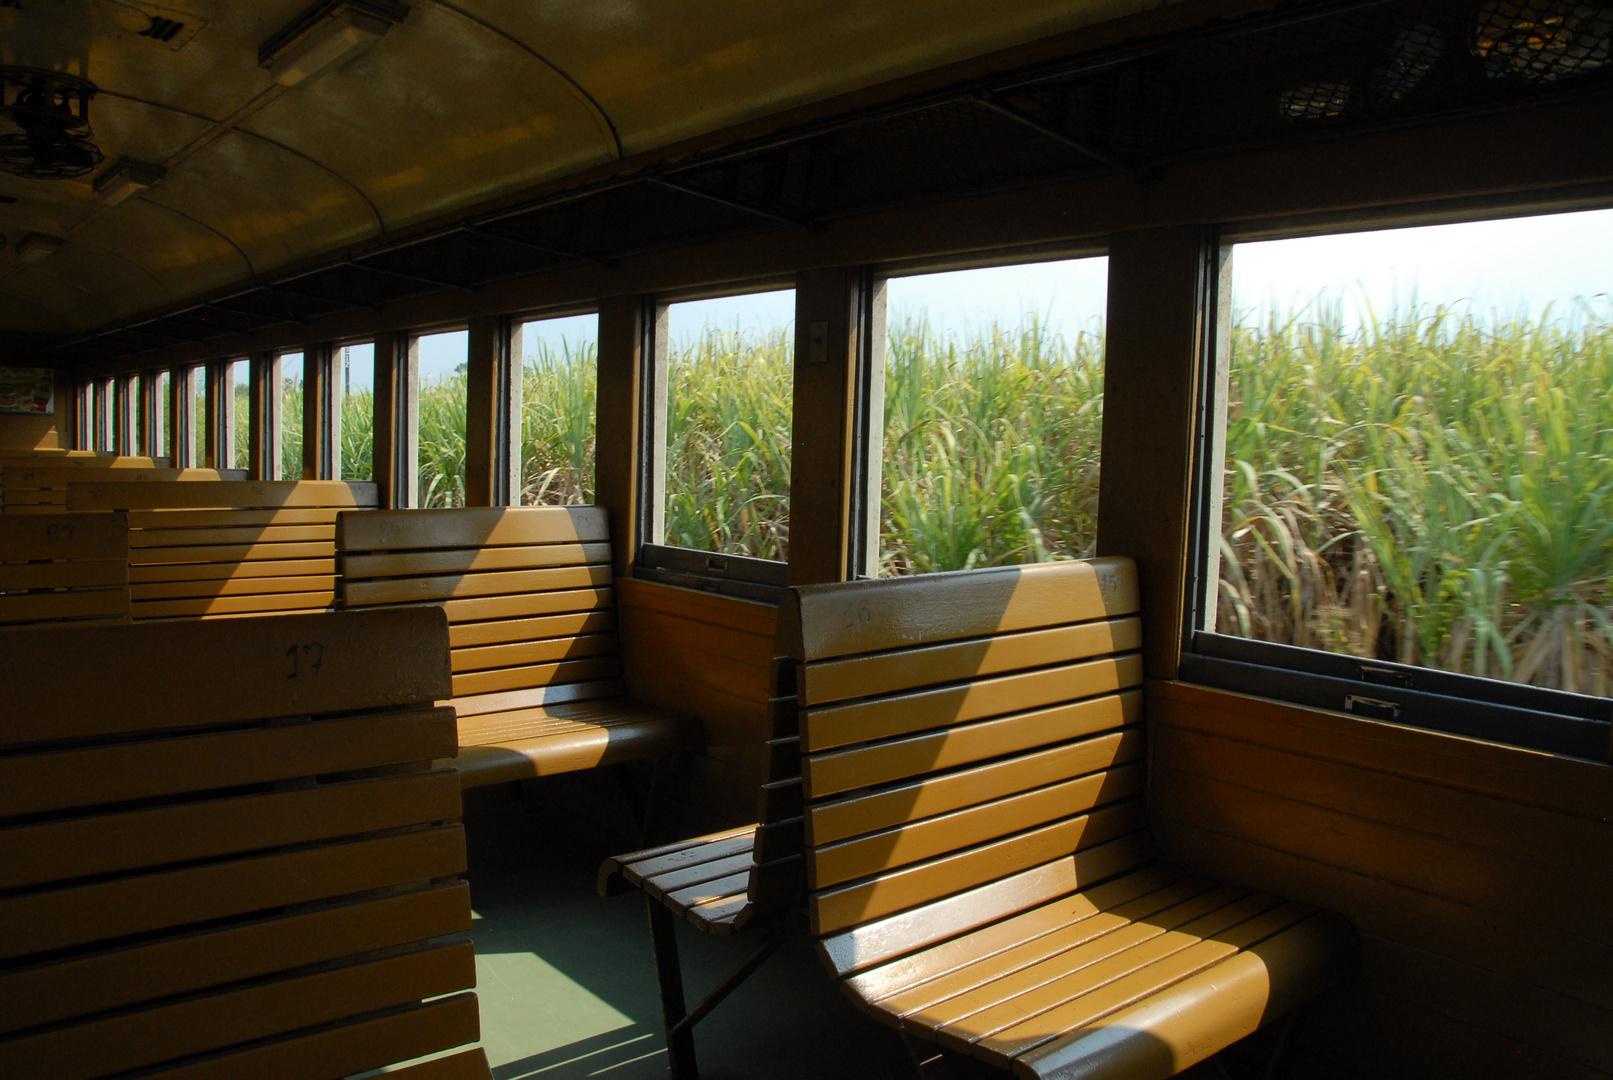 Holzklasse in einem Zug in Thailand von Bangkok nach Nam Tok